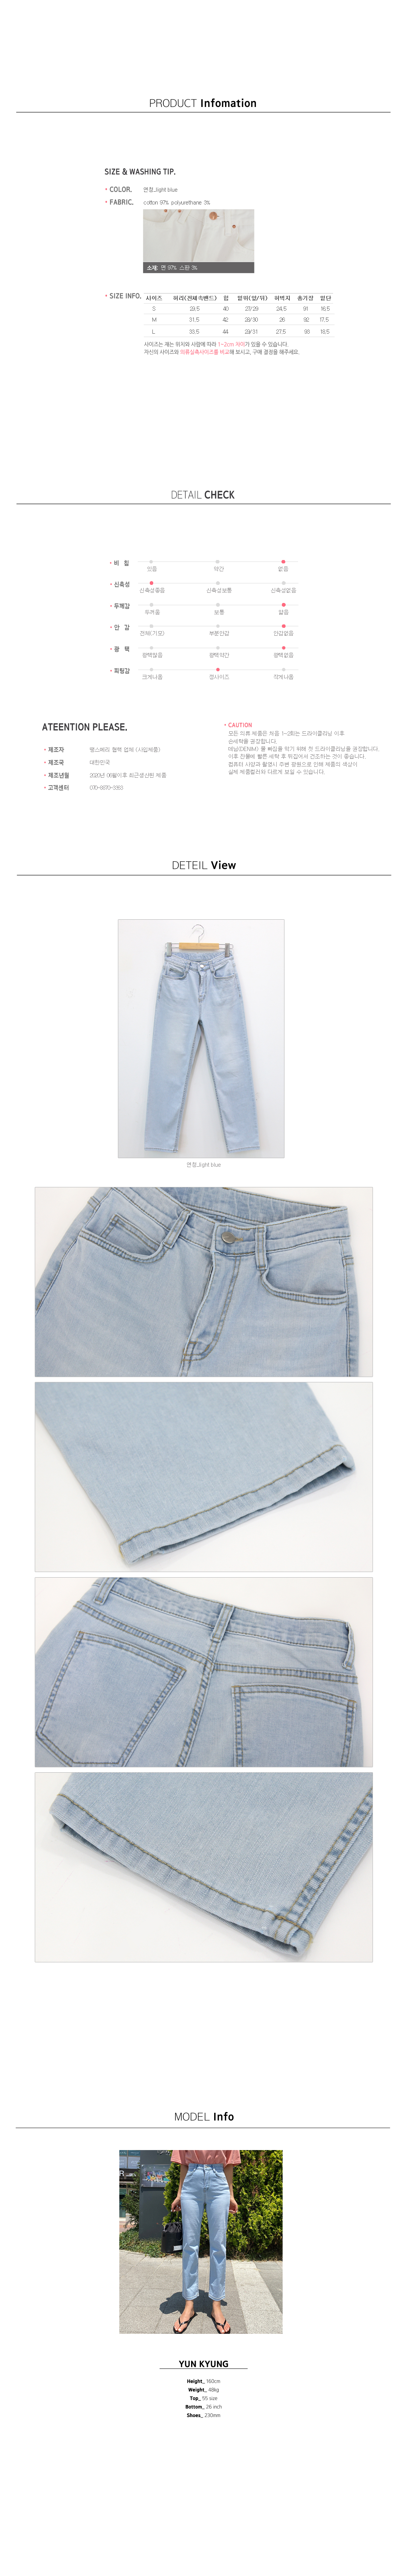 Maximum Summer Light Blue Blue Jeans